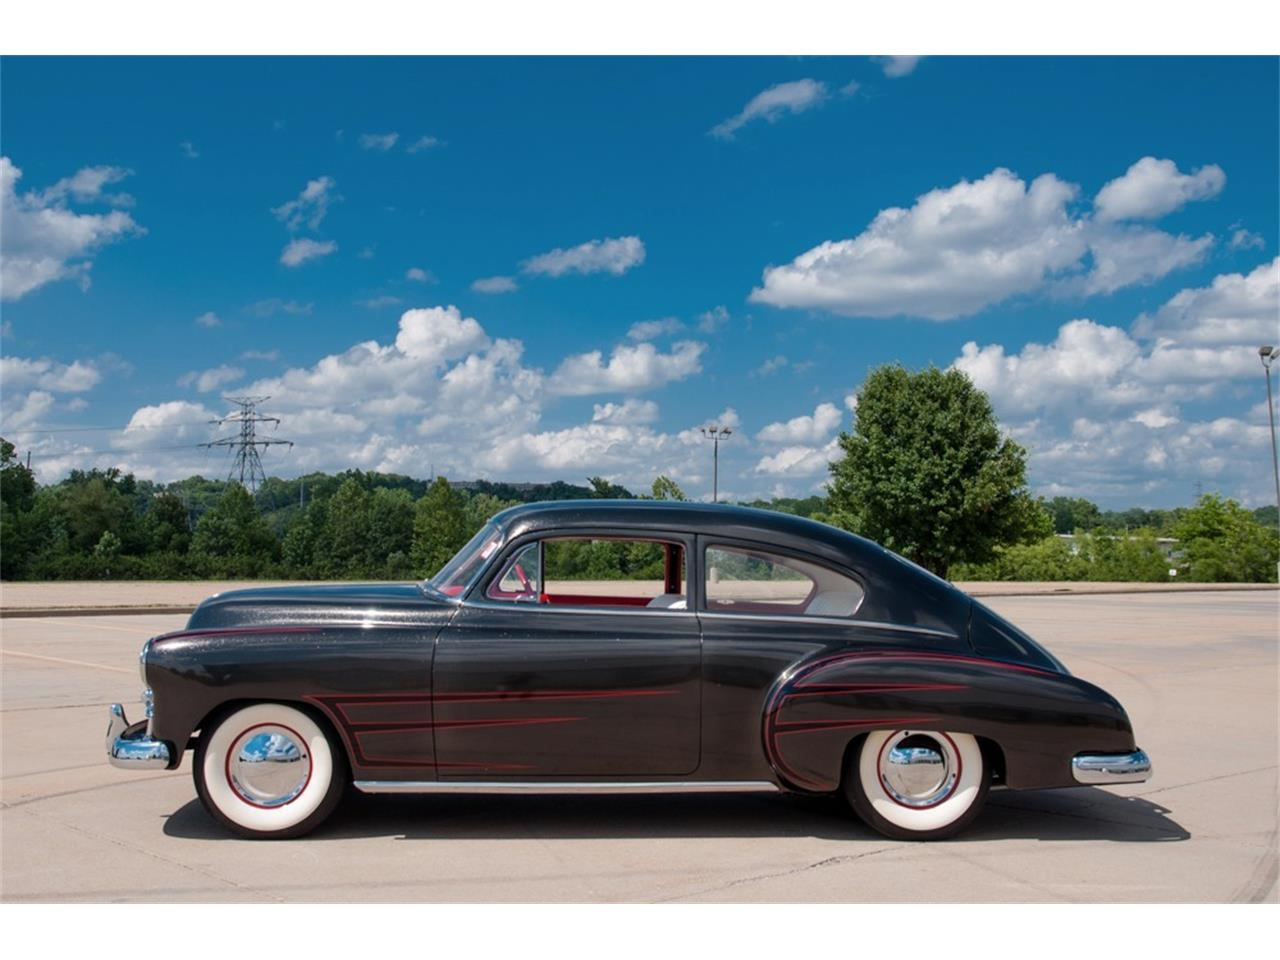 Chevy Dealers St Louis >> 1949 Chevrolet Fleetline for Sale | ClassicCars.com | CC-1070135